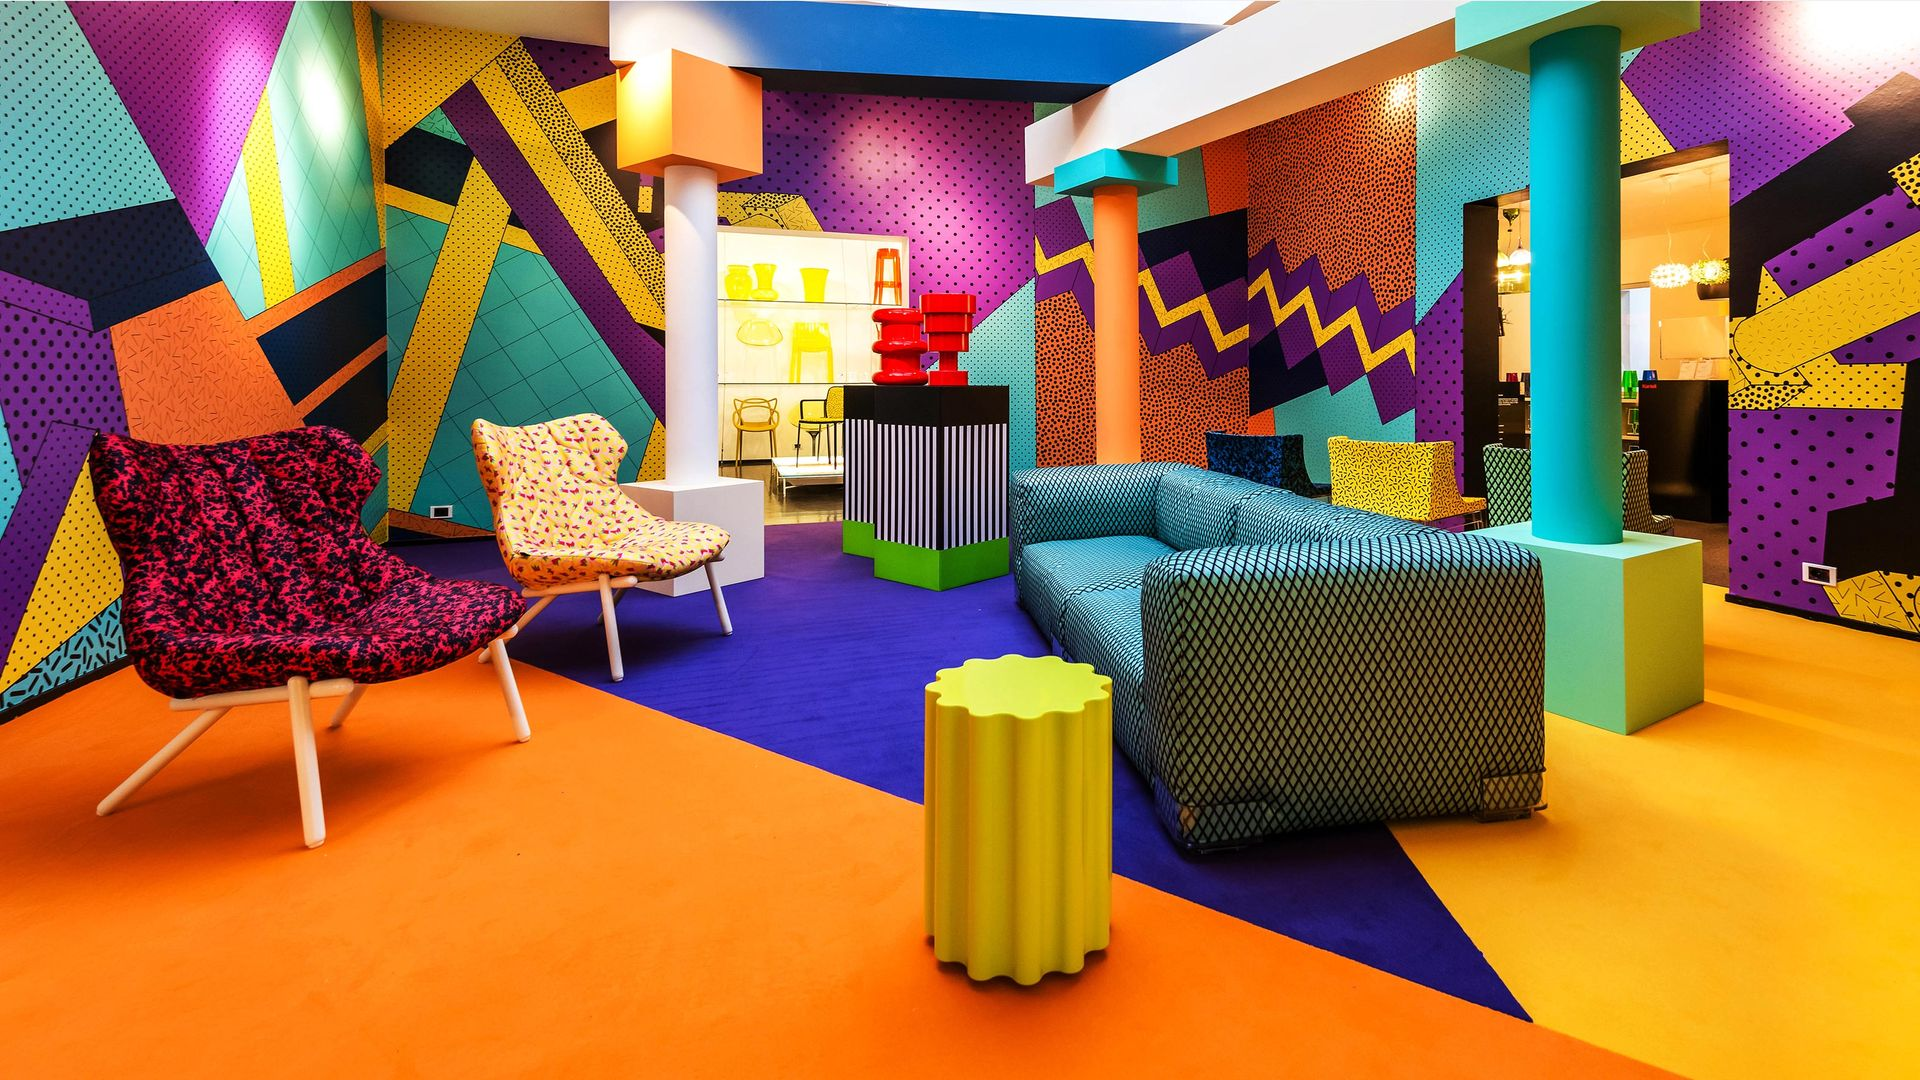 Trang trí nội thất theo phong cách Memphis